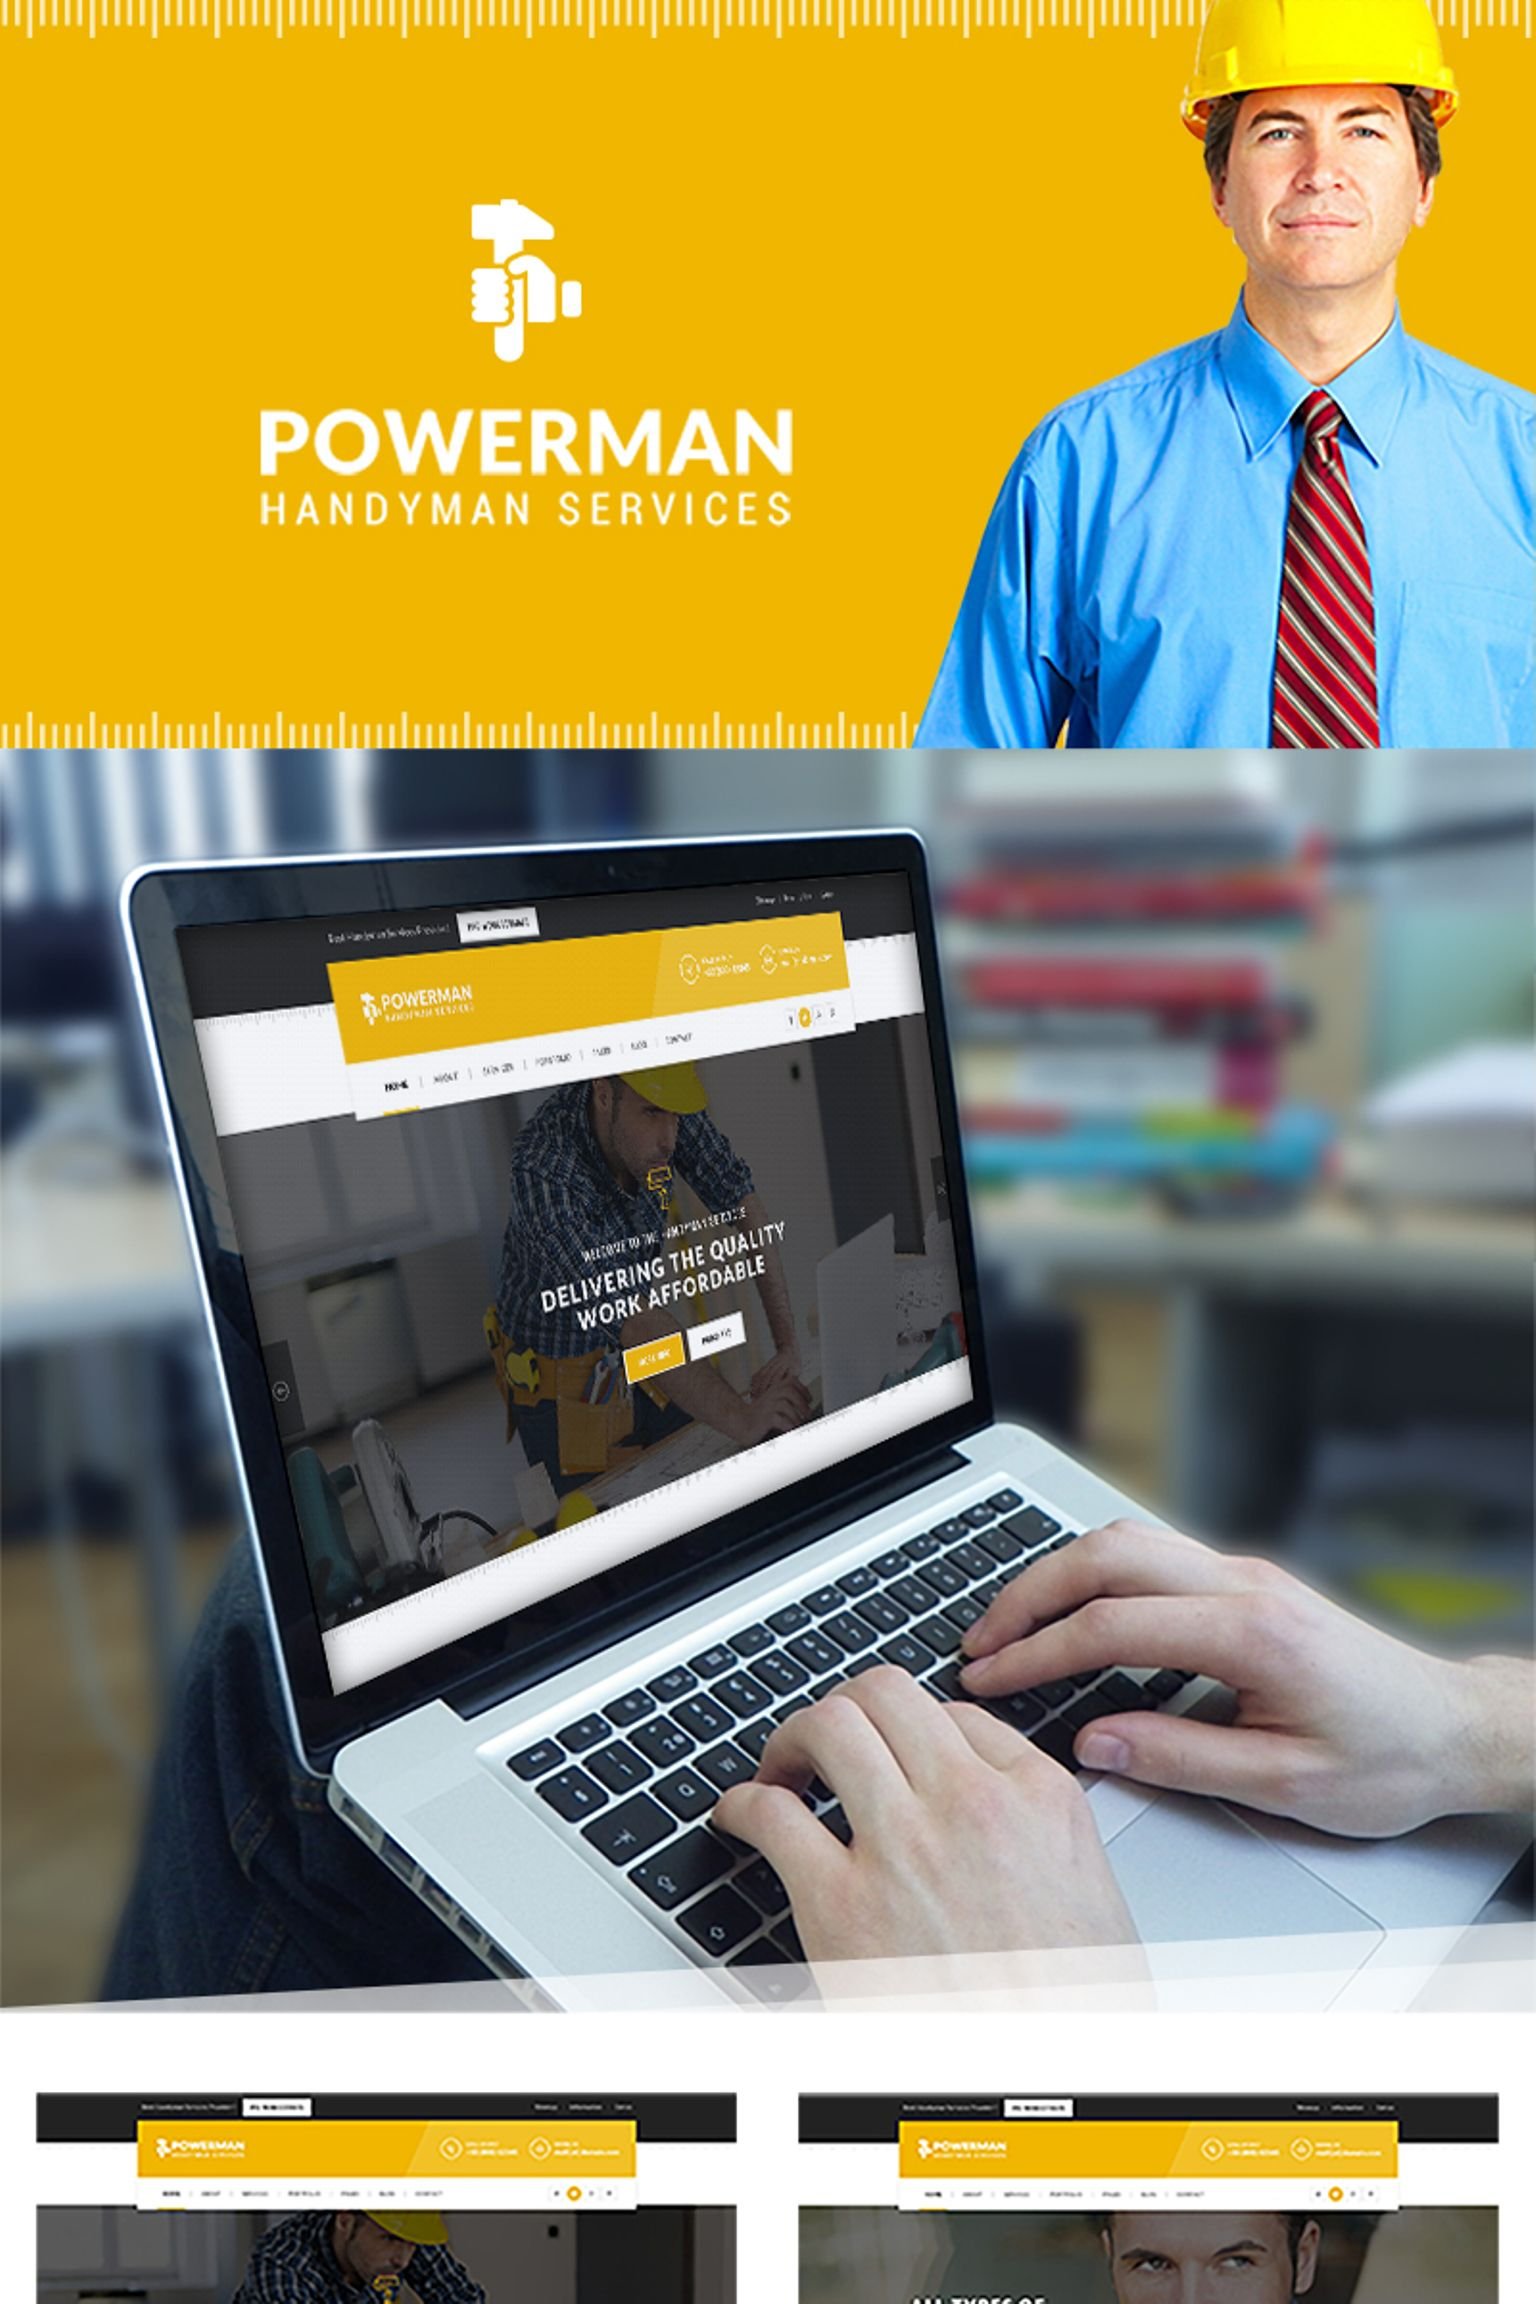 Powerman - Handyman Services WordPress Theme